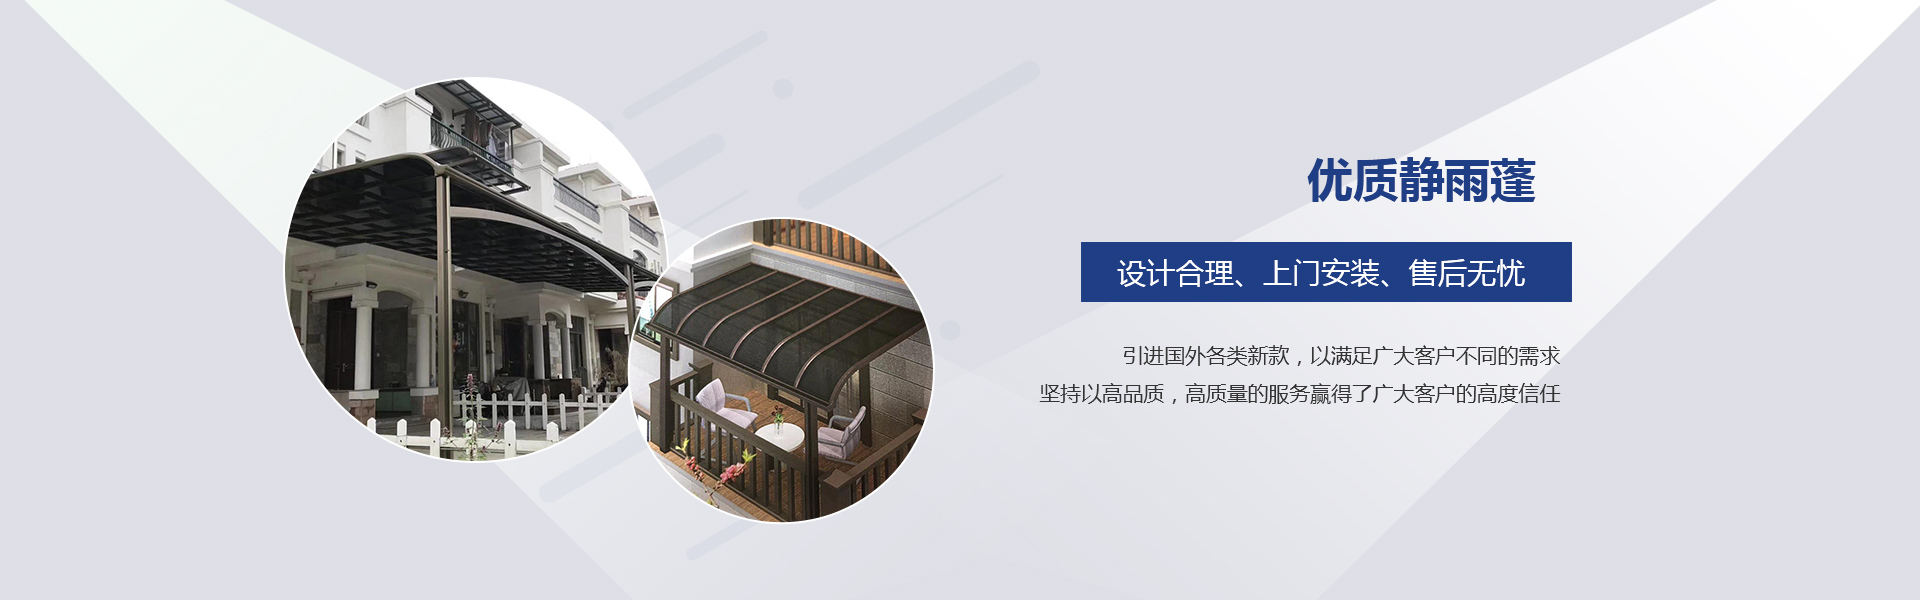 郑州豪格遮阳蓬有限公司